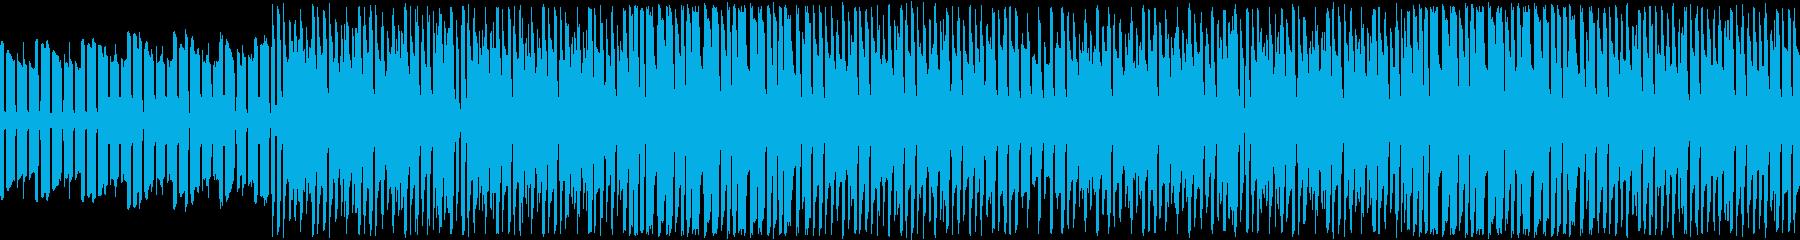 ピコピコゆるふわほのぼのゲームBGMの再生済みの波形